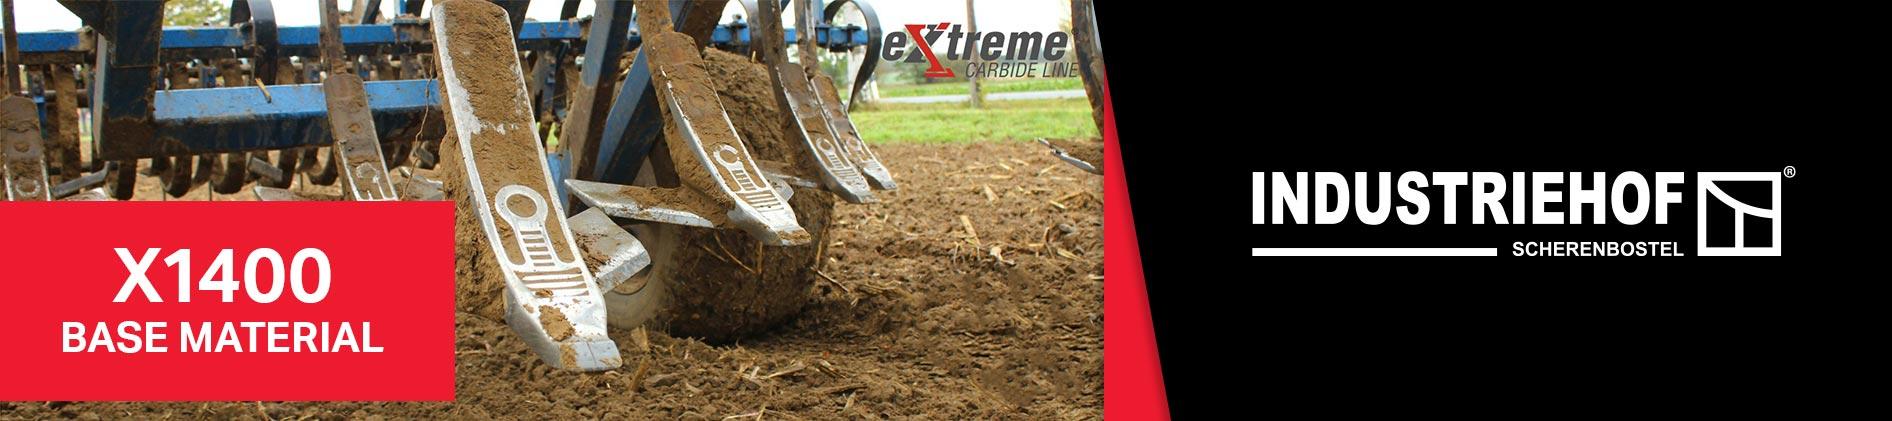 Website_Banner_Inside_Extreme-Carbide